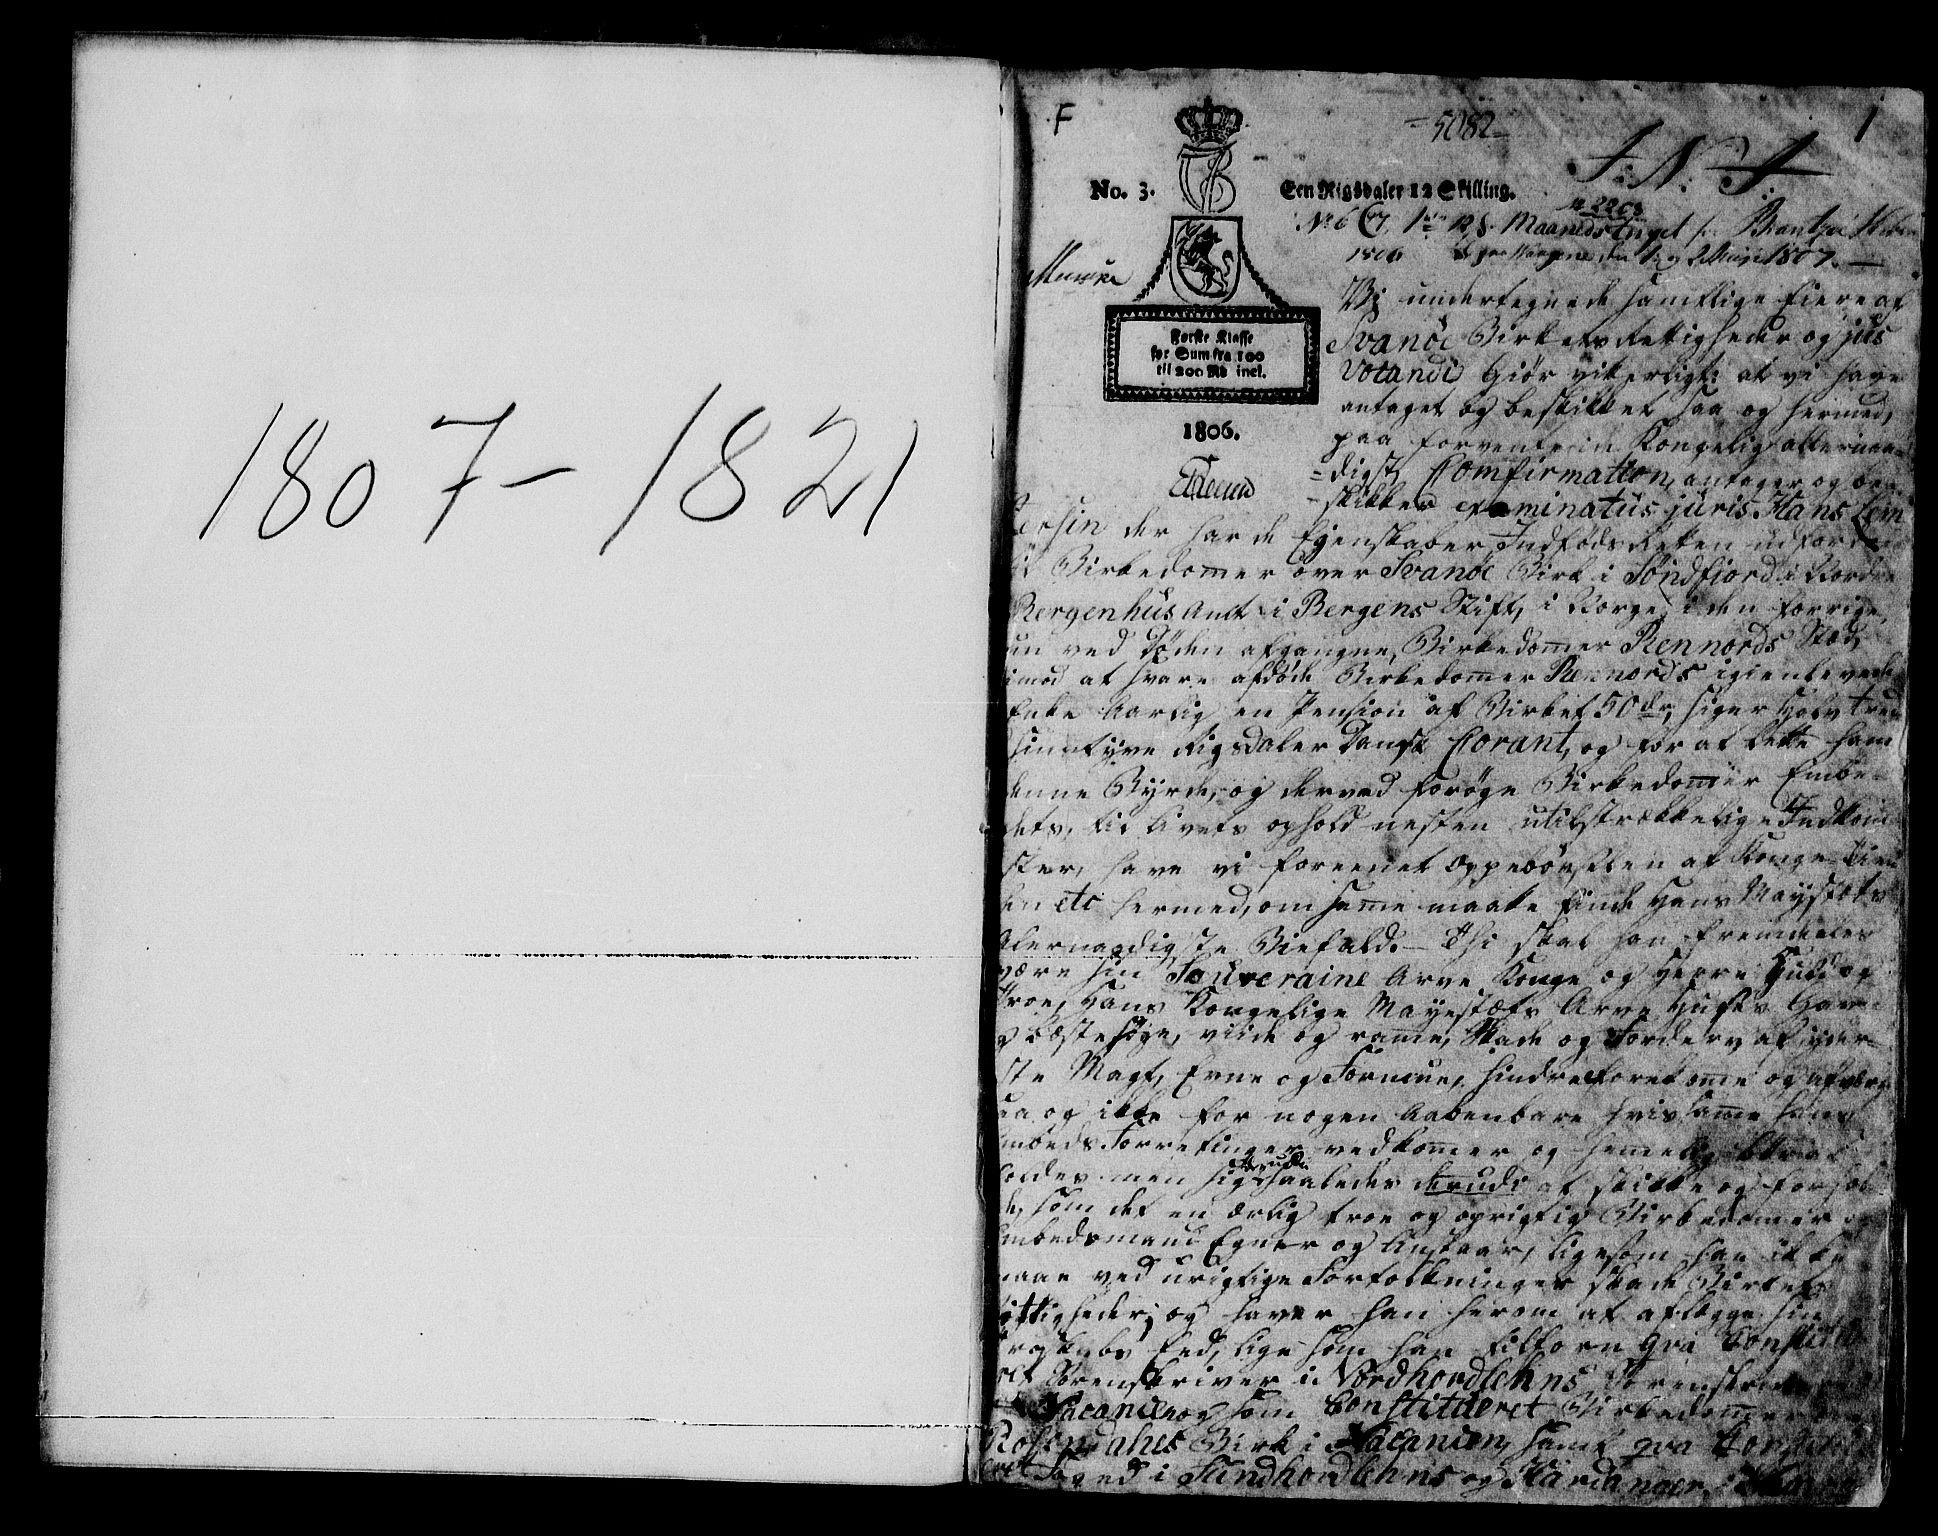 SAB, Sunnfjord tingrett, G/Gb/Gba/L0008: Pantebok nr. II.B.8, 1807-1821, s. 1